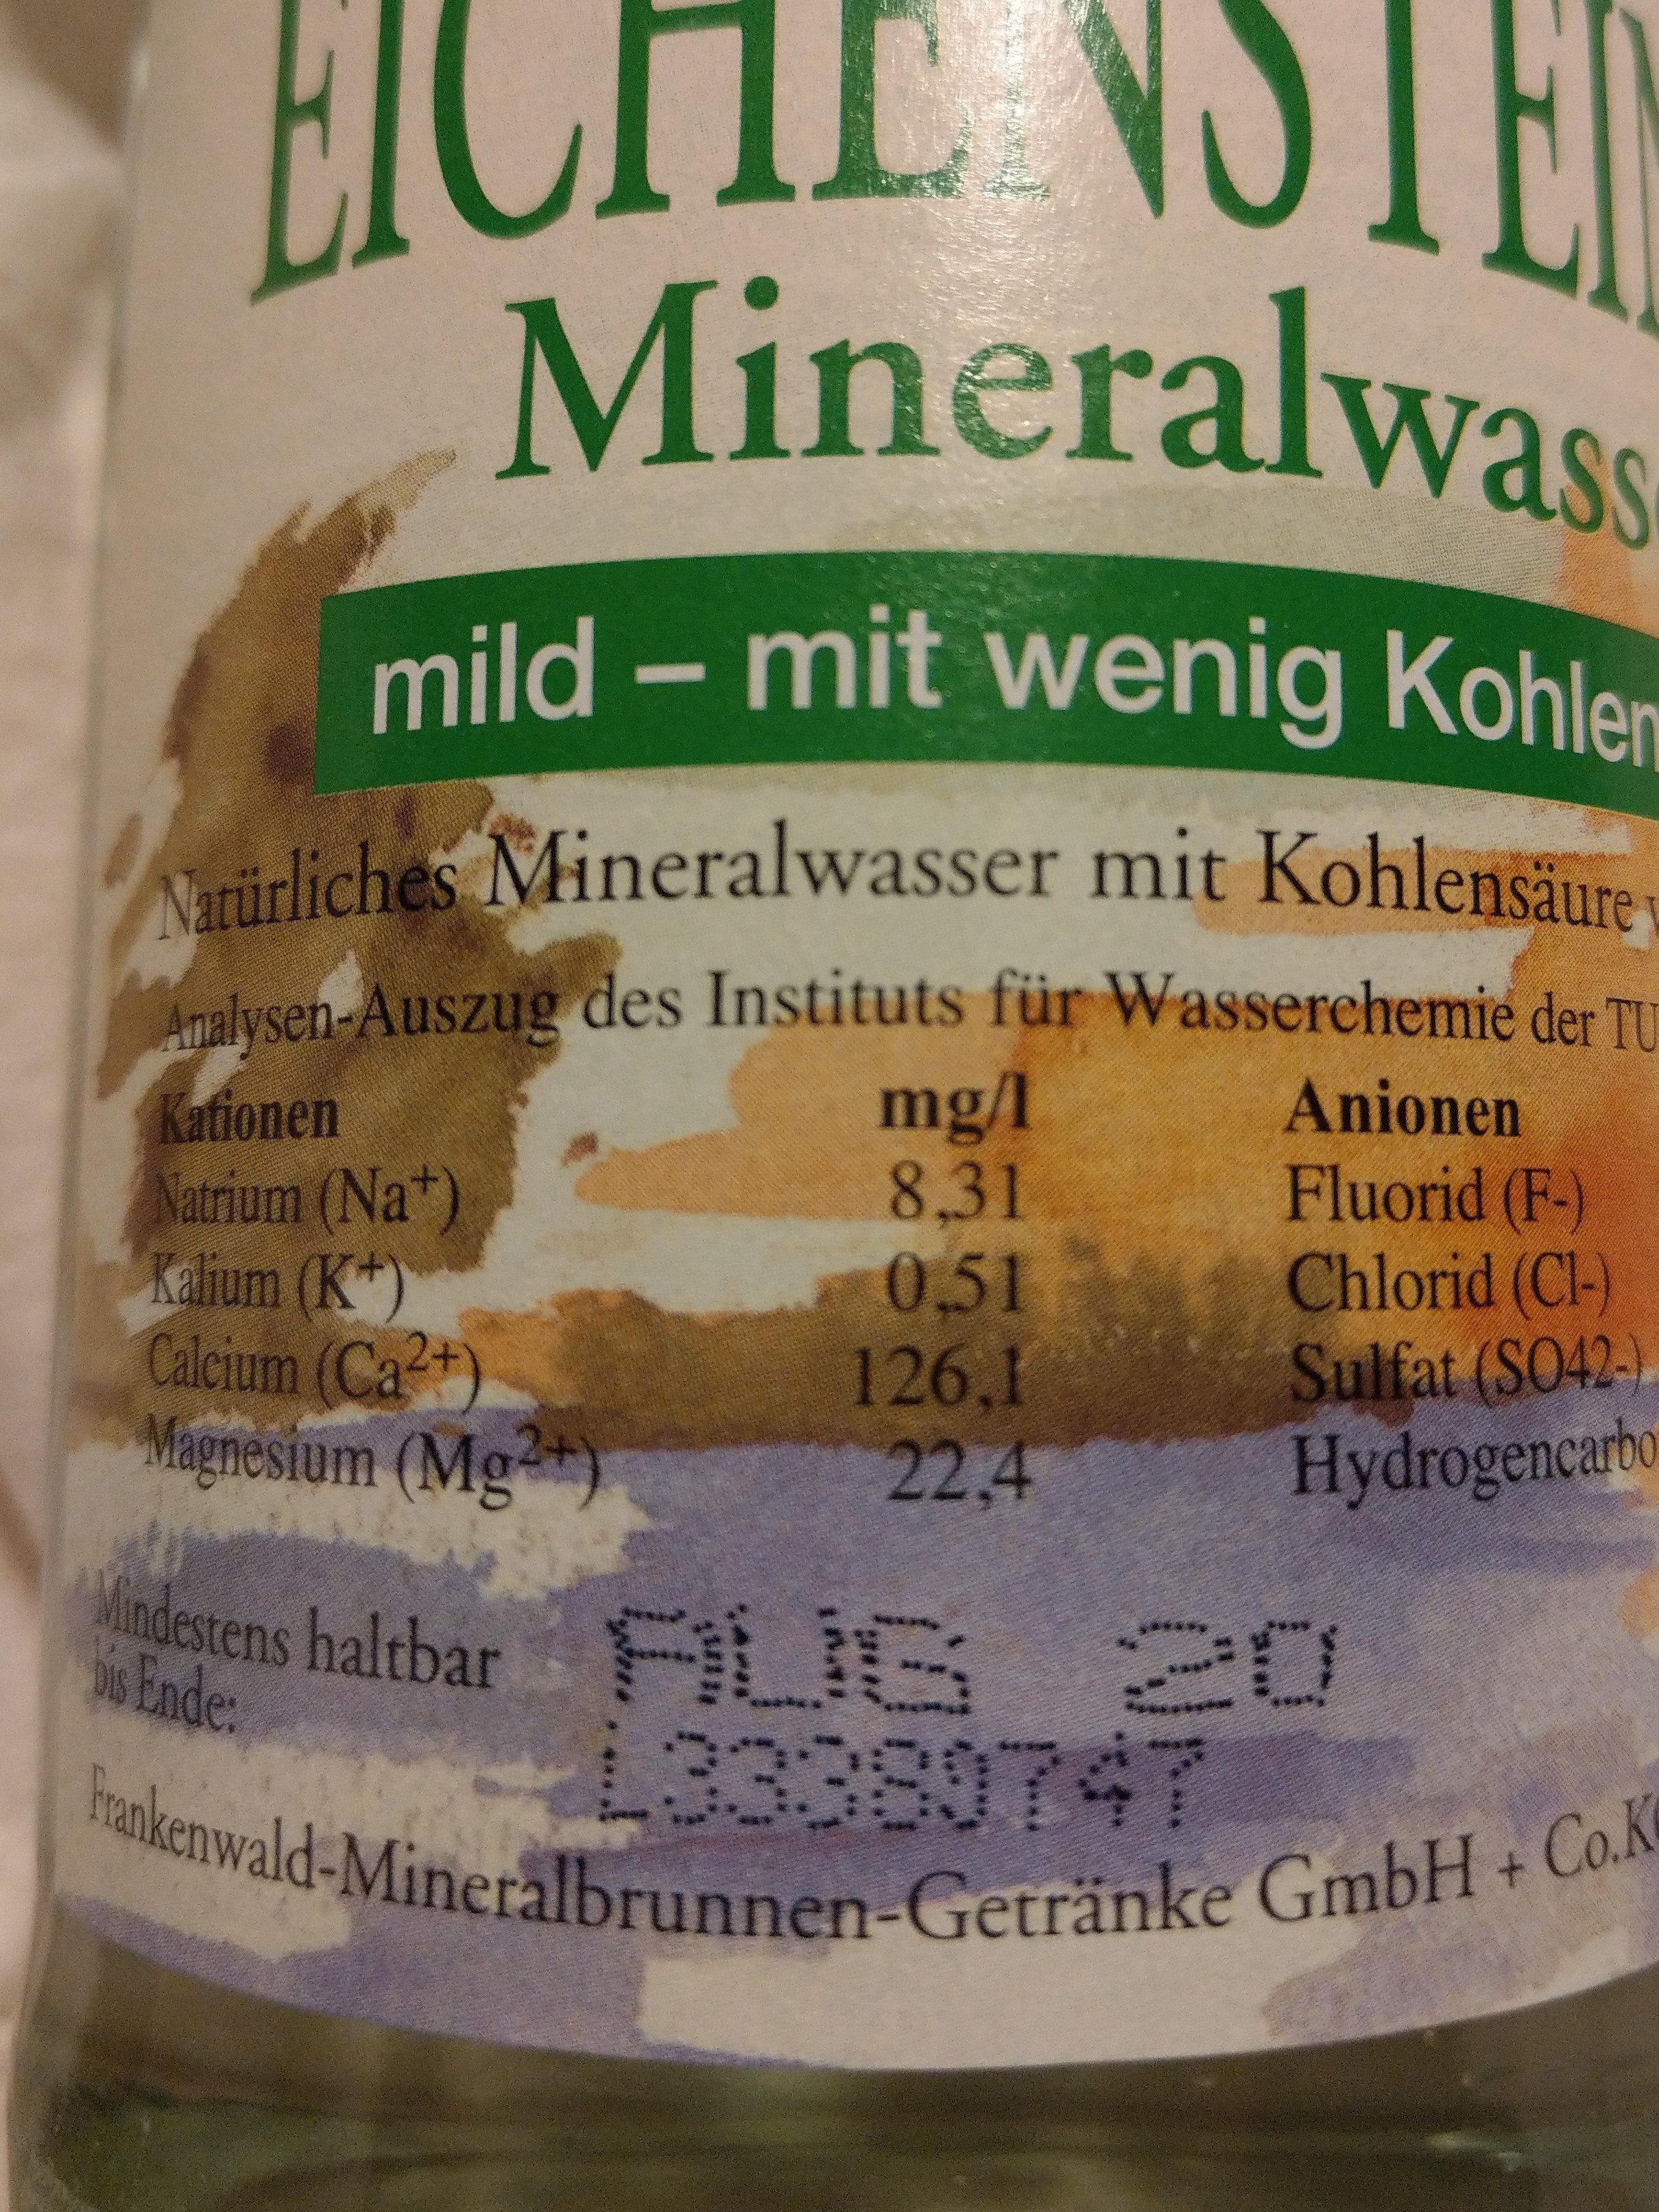 Eichensteiner Mineralwasser - Nährwertangaben - de